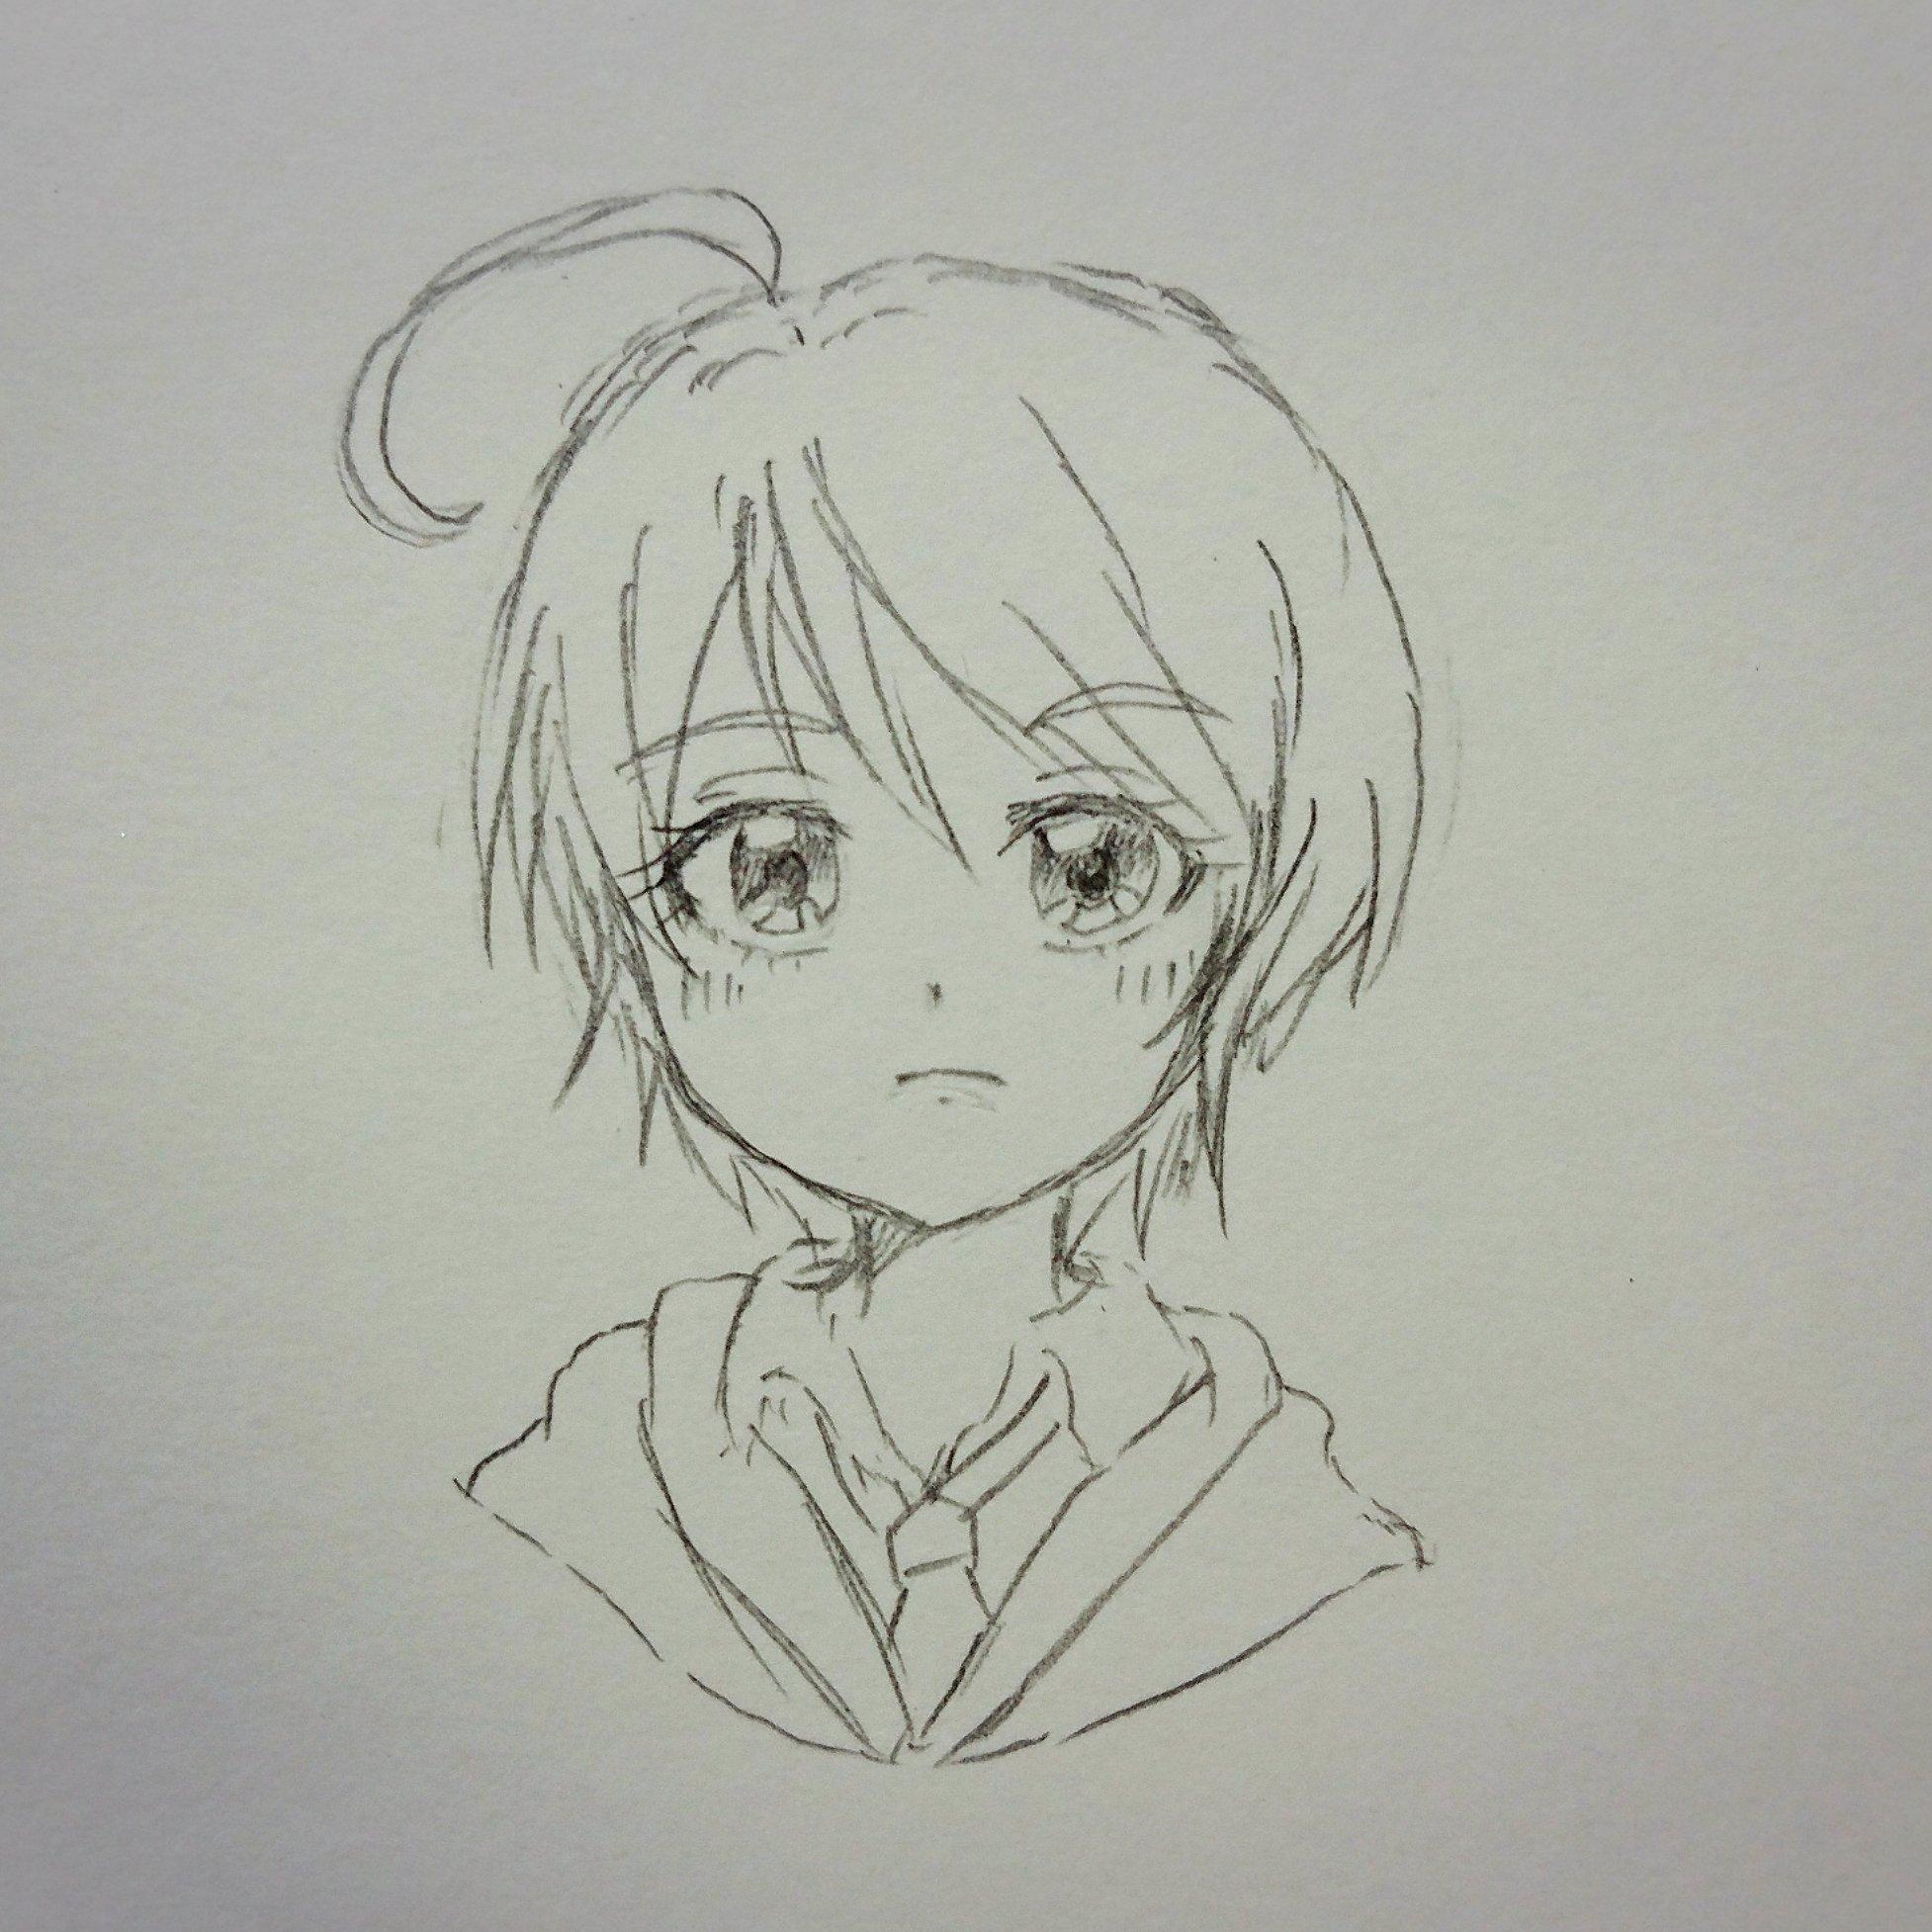 しゅた (@syuta_205)さんのイラスト